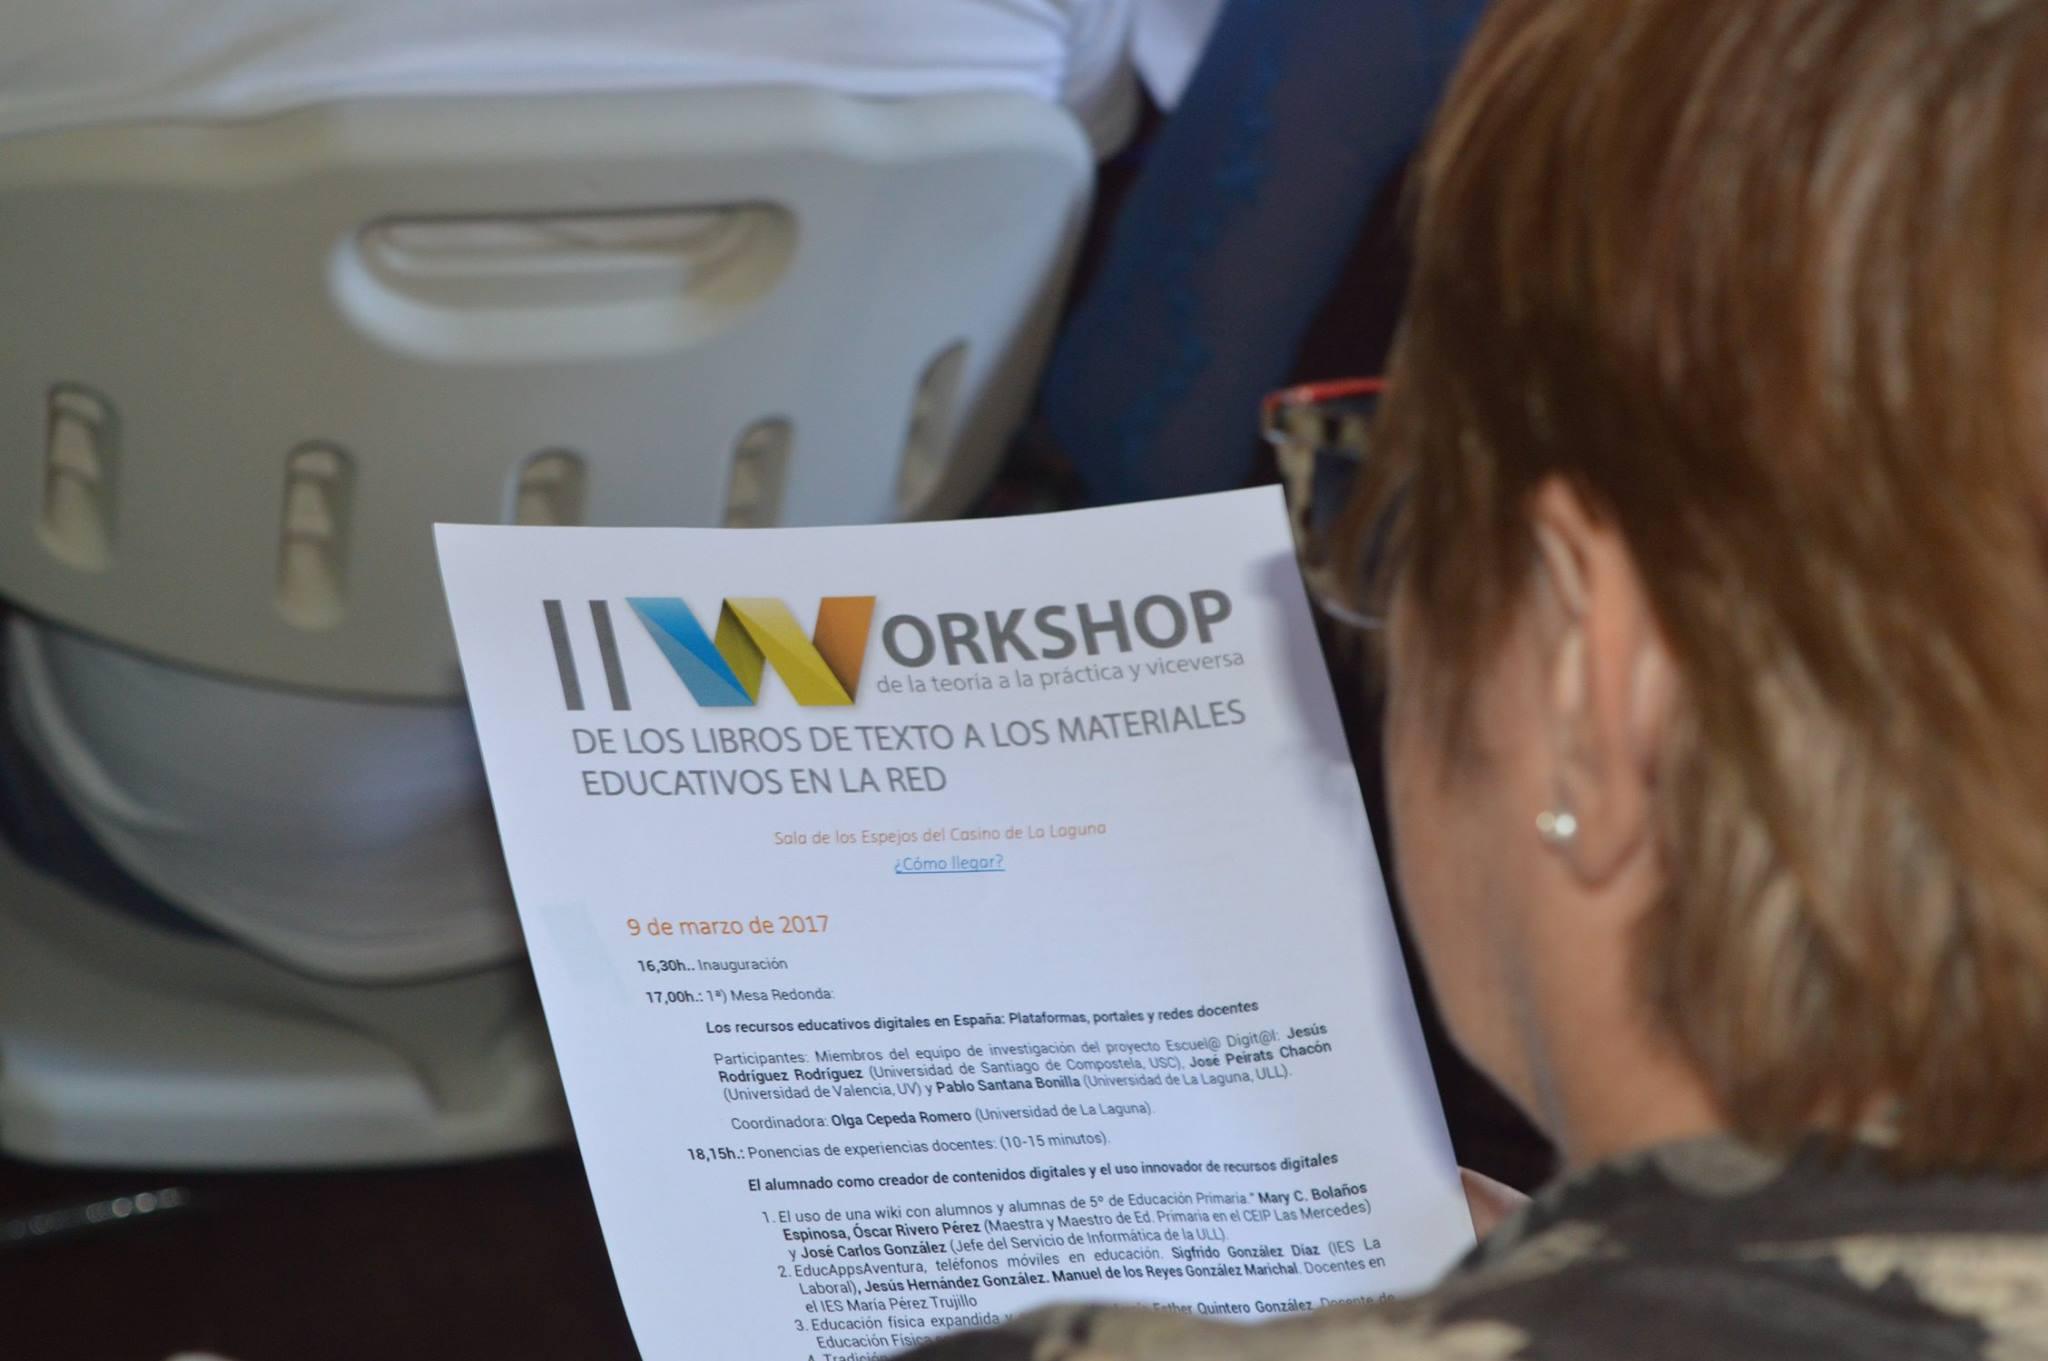 II Workshop de la teoria a la practica y viceversa